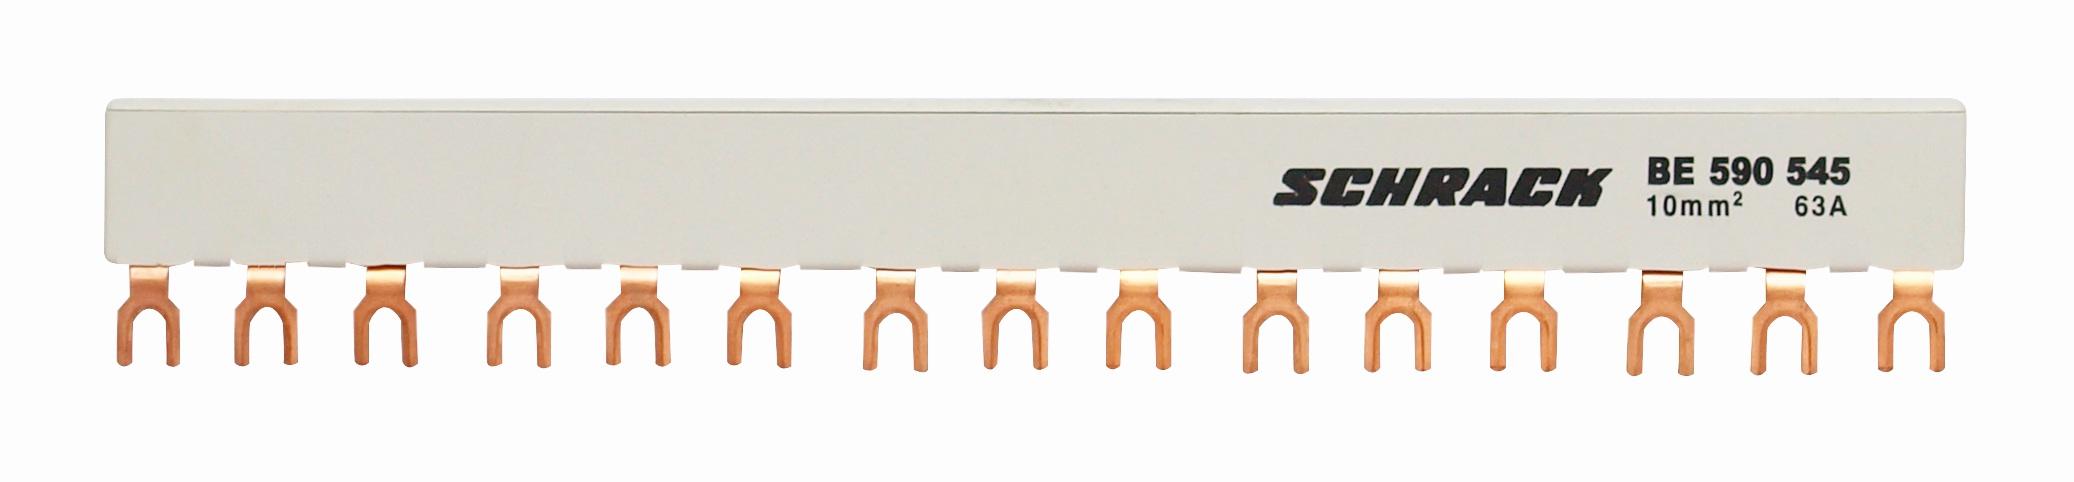 1 Stk Verschienung für 5xBE5 45mm Gabel BE590545--